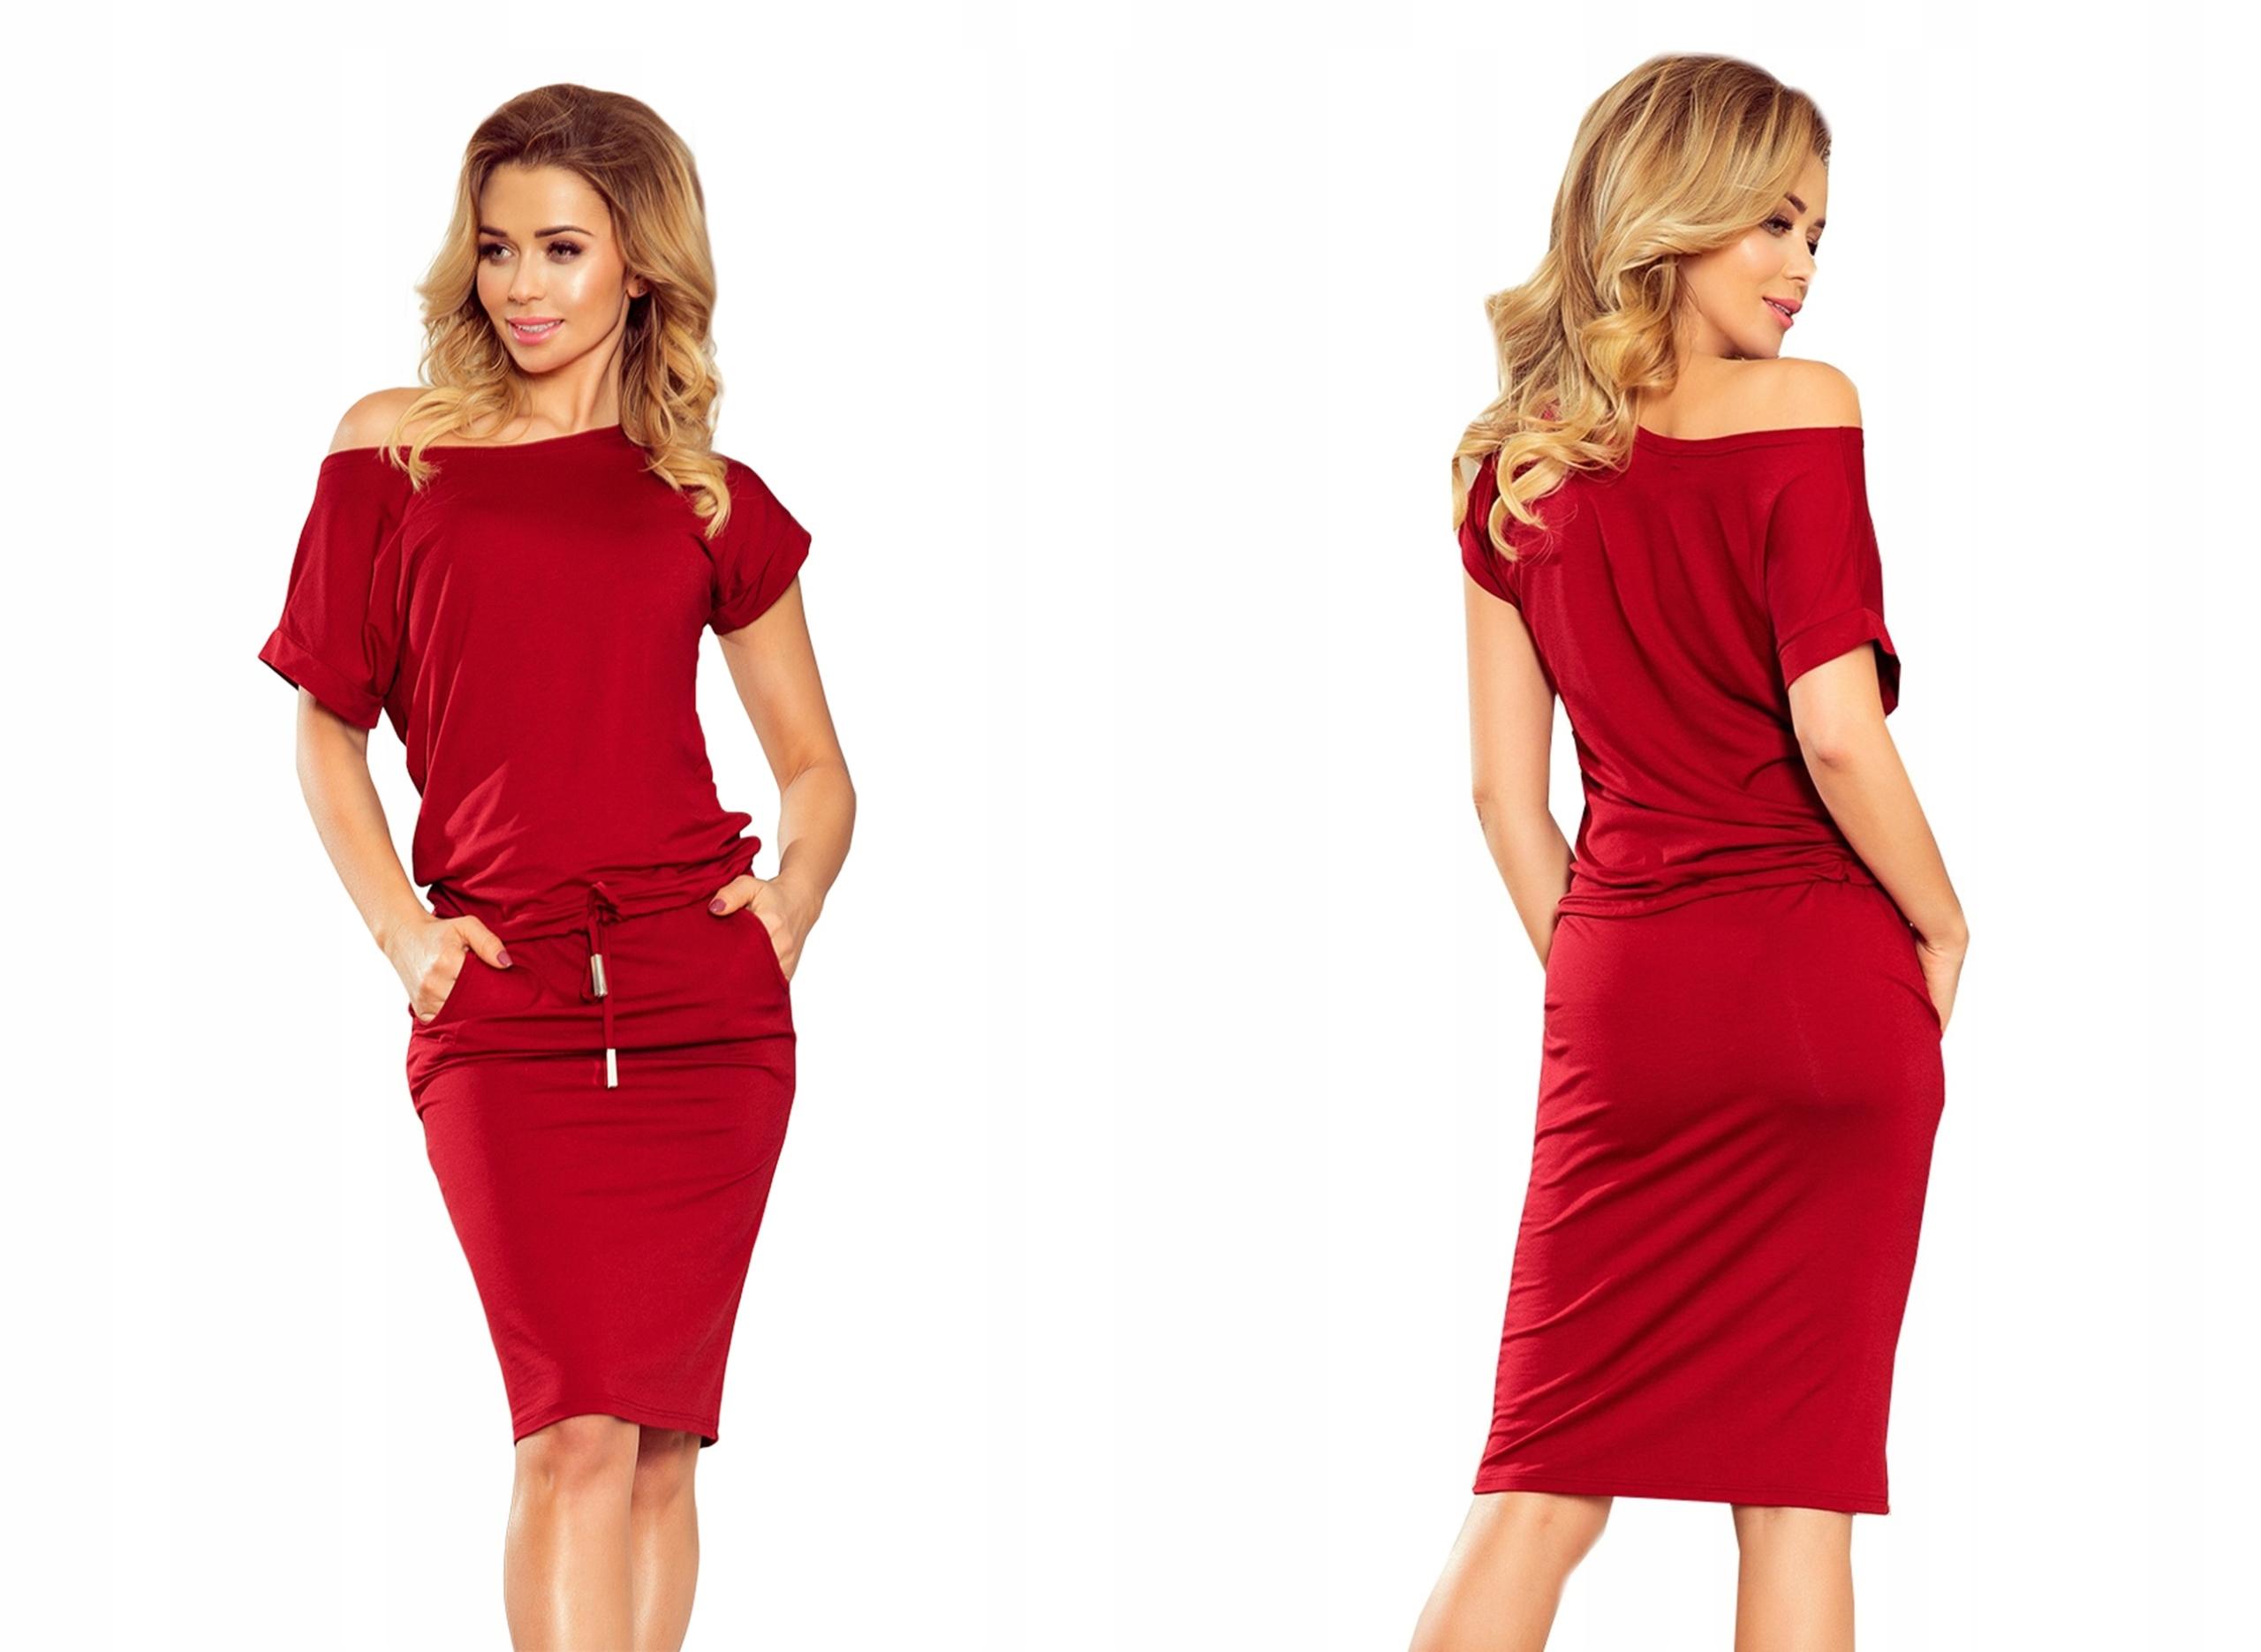 Dresowa Sukienka Krótki Rękaw Na Lato 139-5 S 36